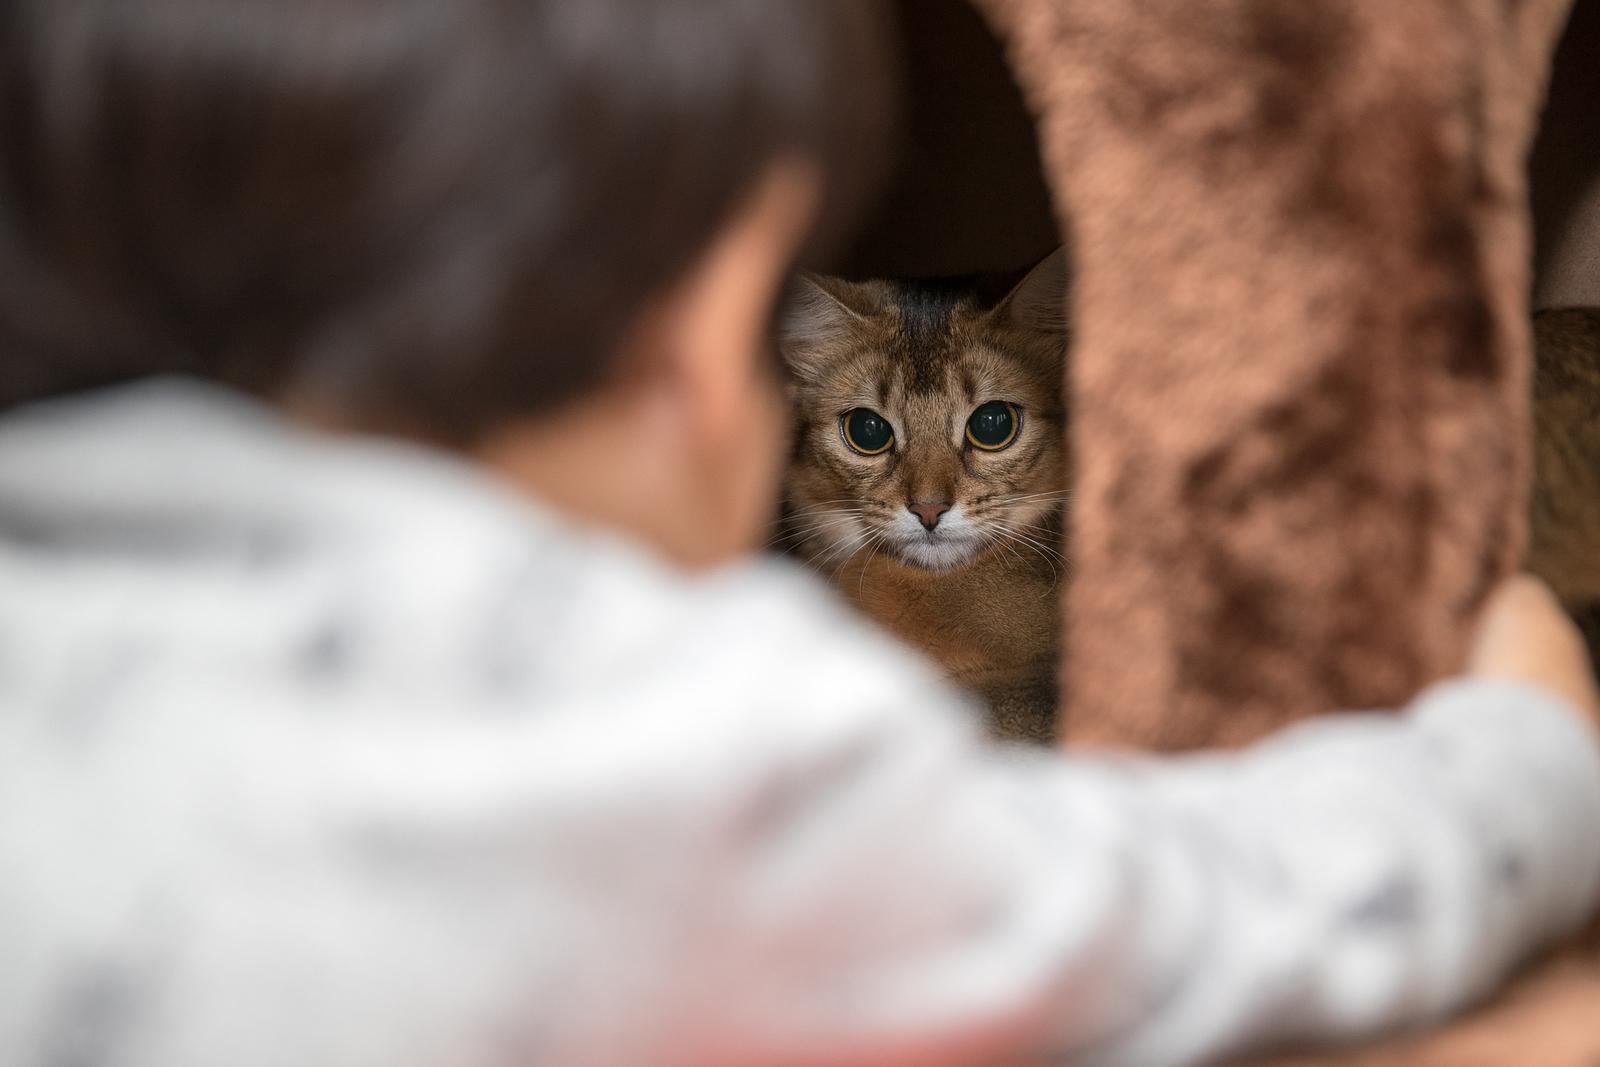 mladé čerstvé kočička fotkysex ed pro dospívající